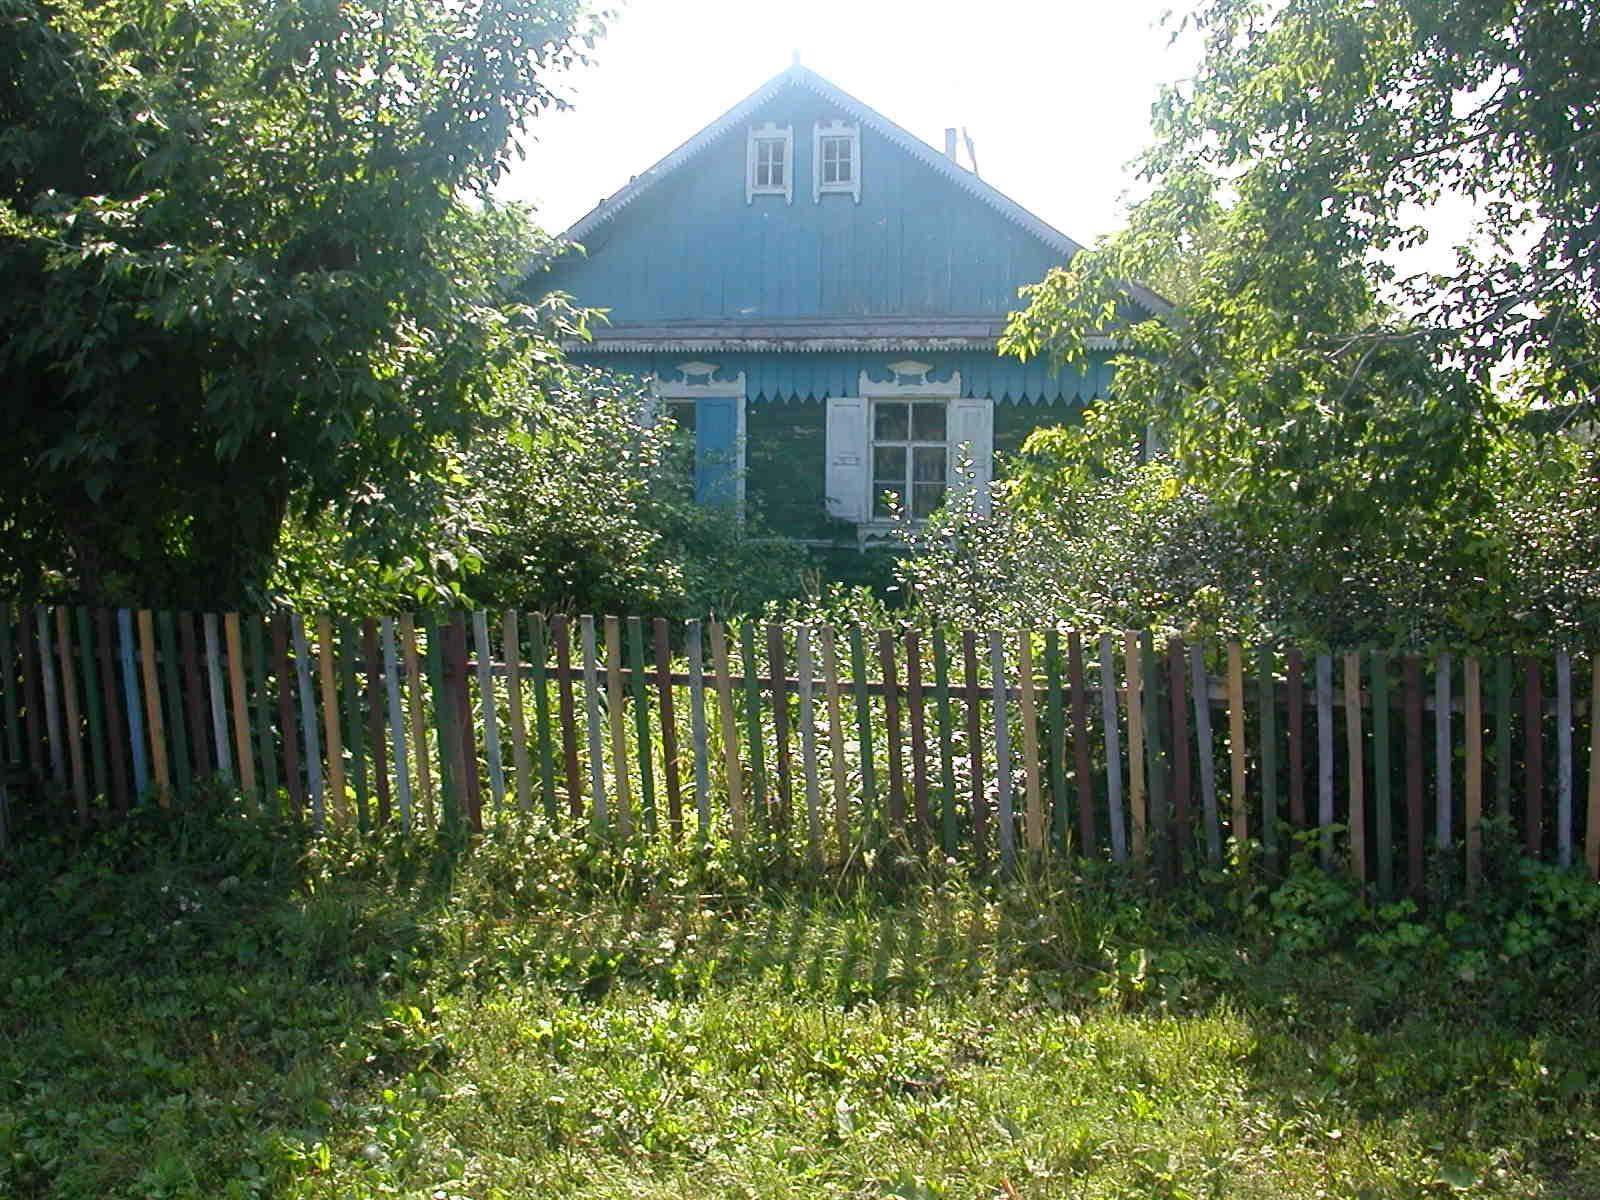 ... steht  dieses Haus, vom Vater 1962 gebaut.